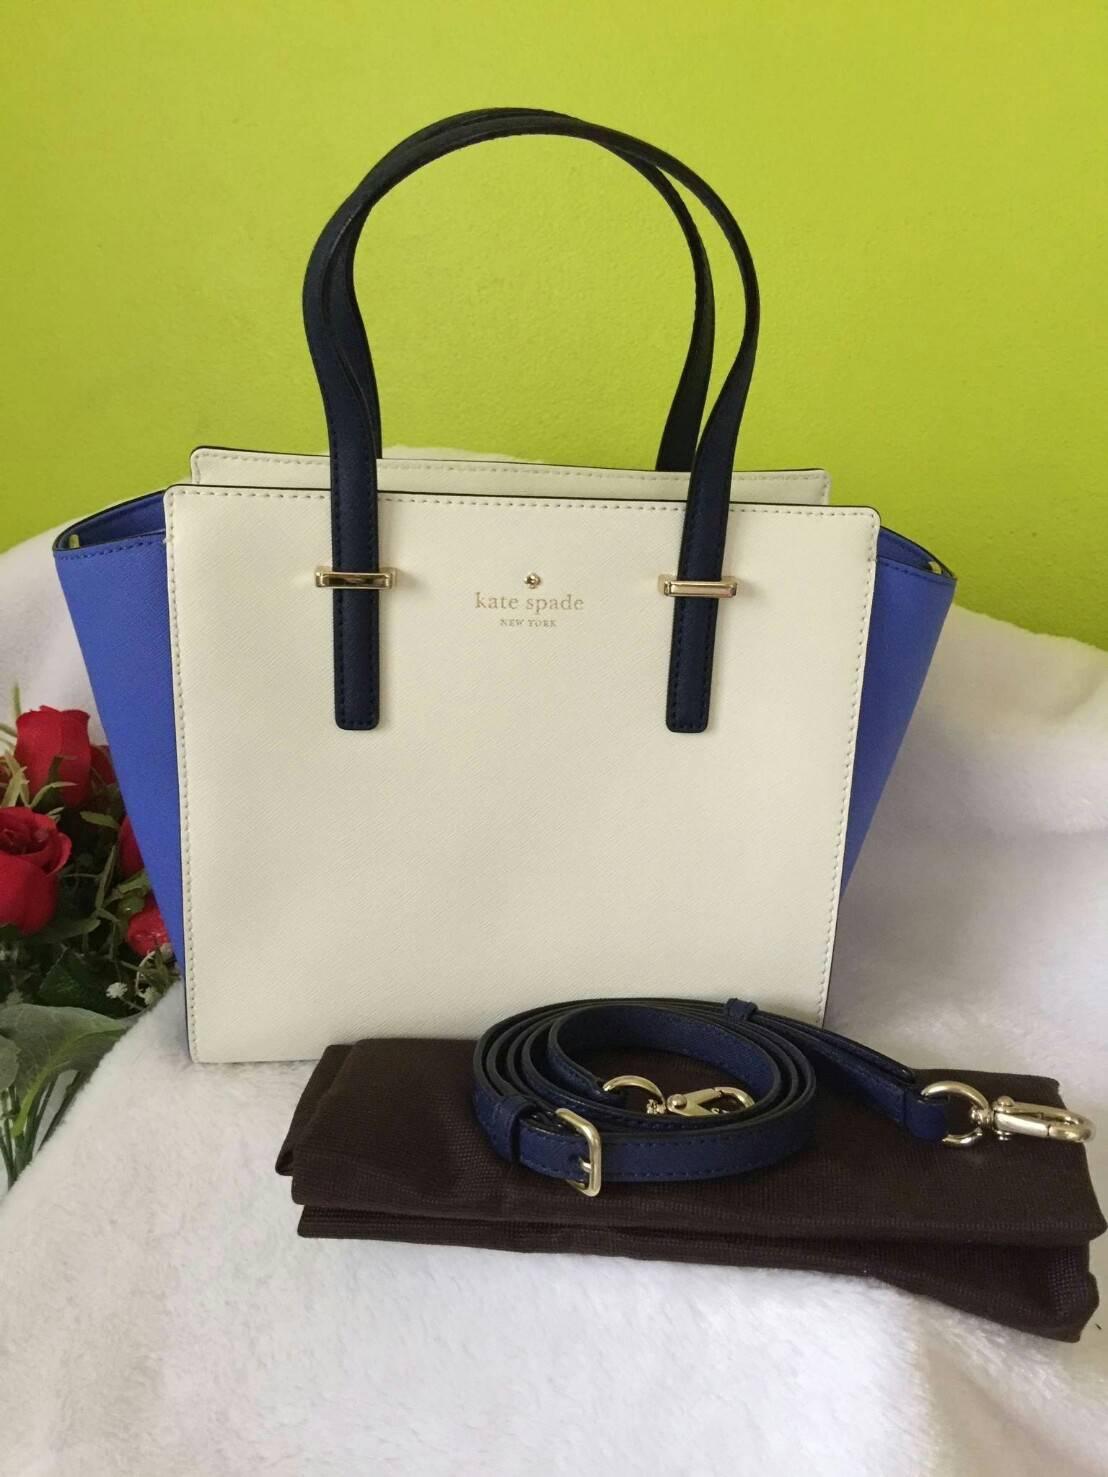 กระเป๋าสะพาย Kate Spade งานช็อป ใบนี้Shop แท้ 100% ค่ะ